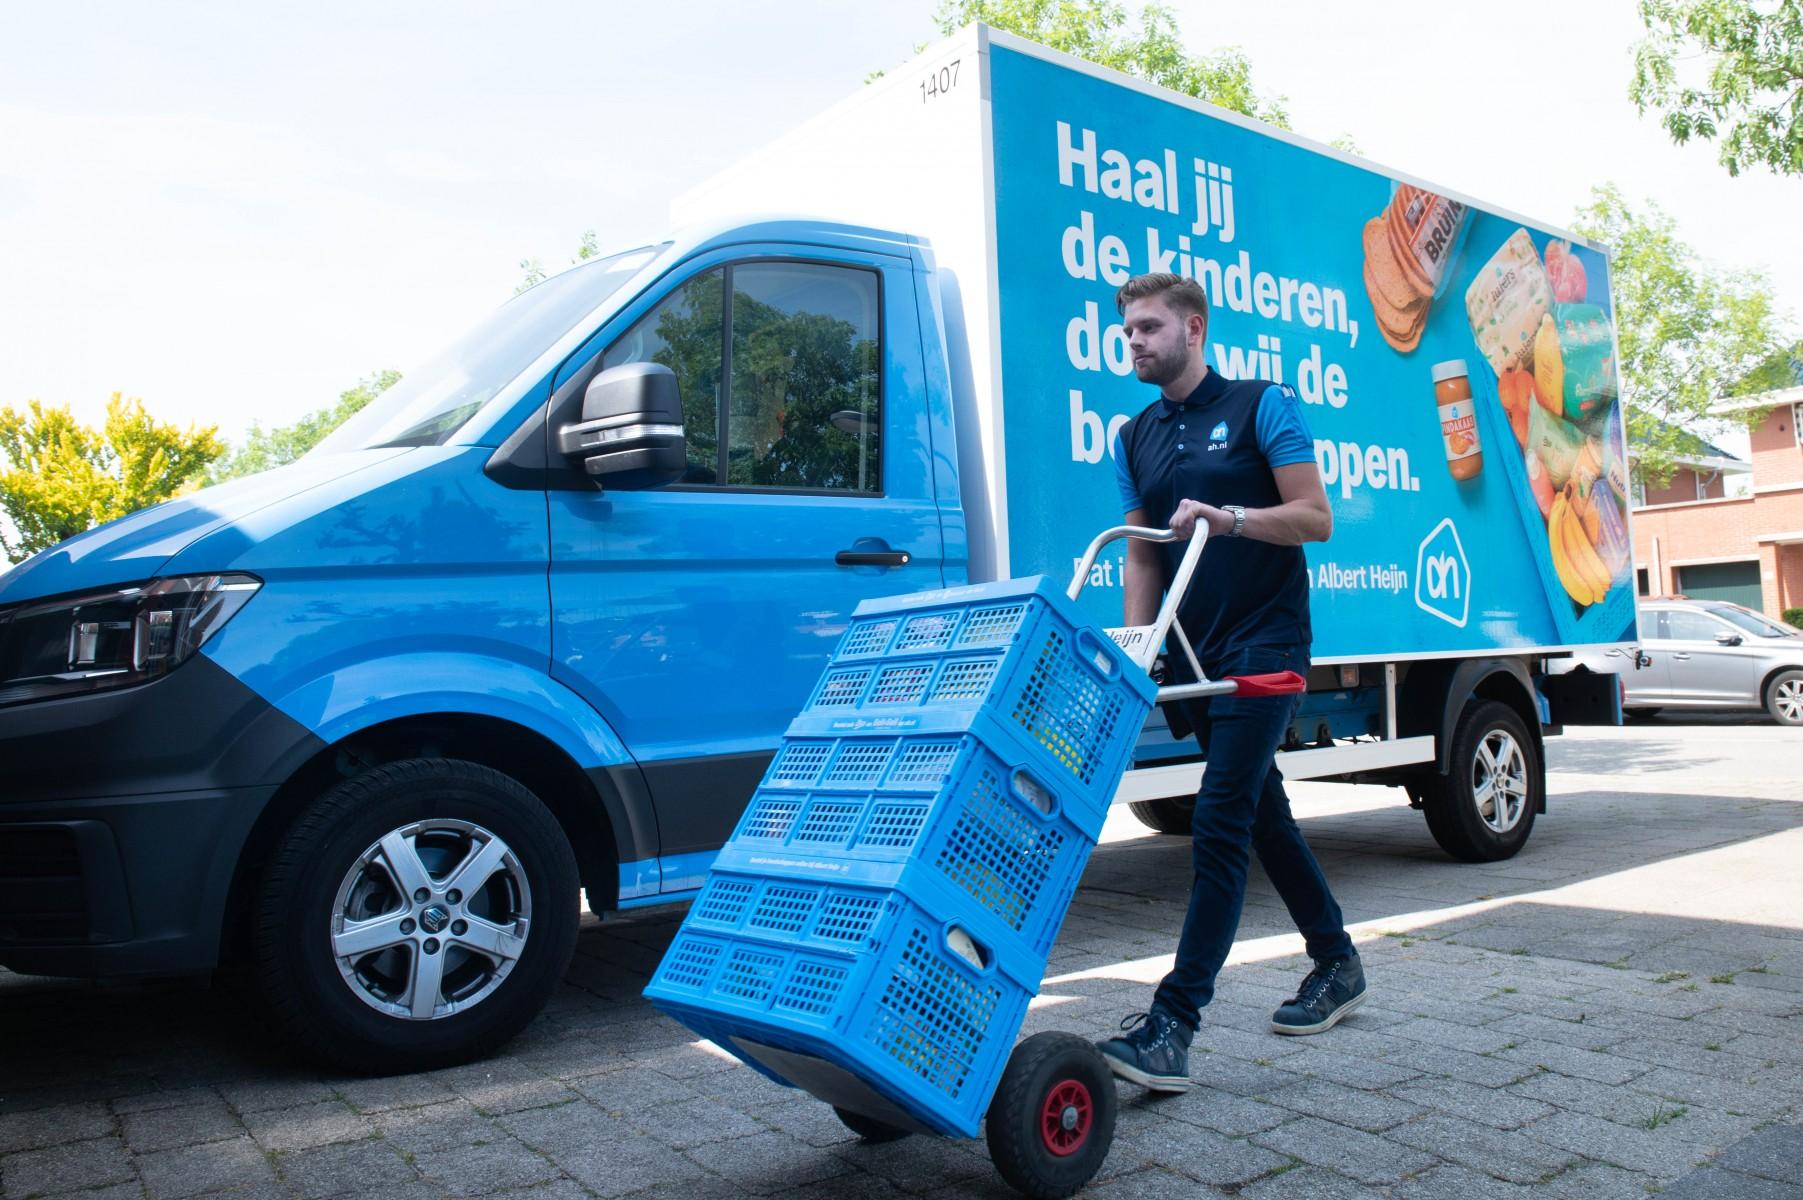 Albert Heijn organiseert open dag voor werving nieuwe bezorgers in Almere